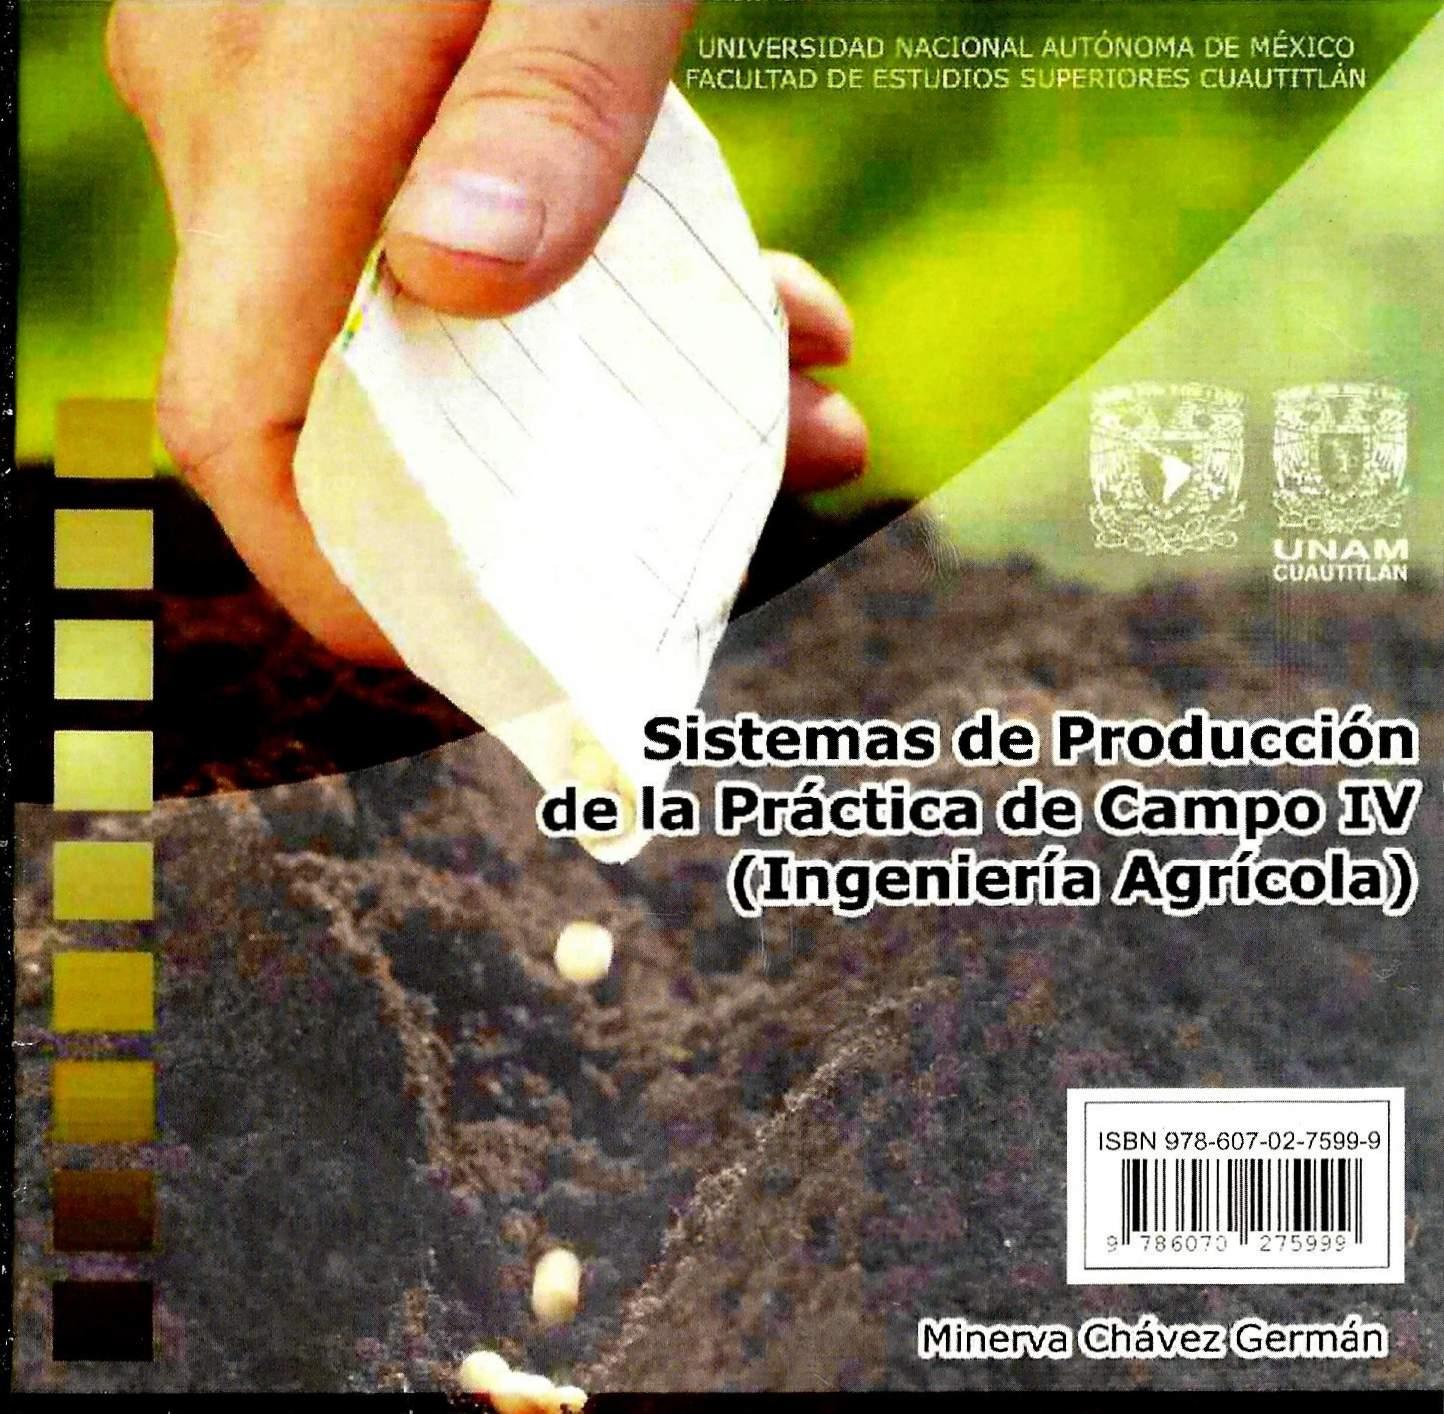 Sistemas de producción de la práctica de campo IV (Ingeniería Agrícola)